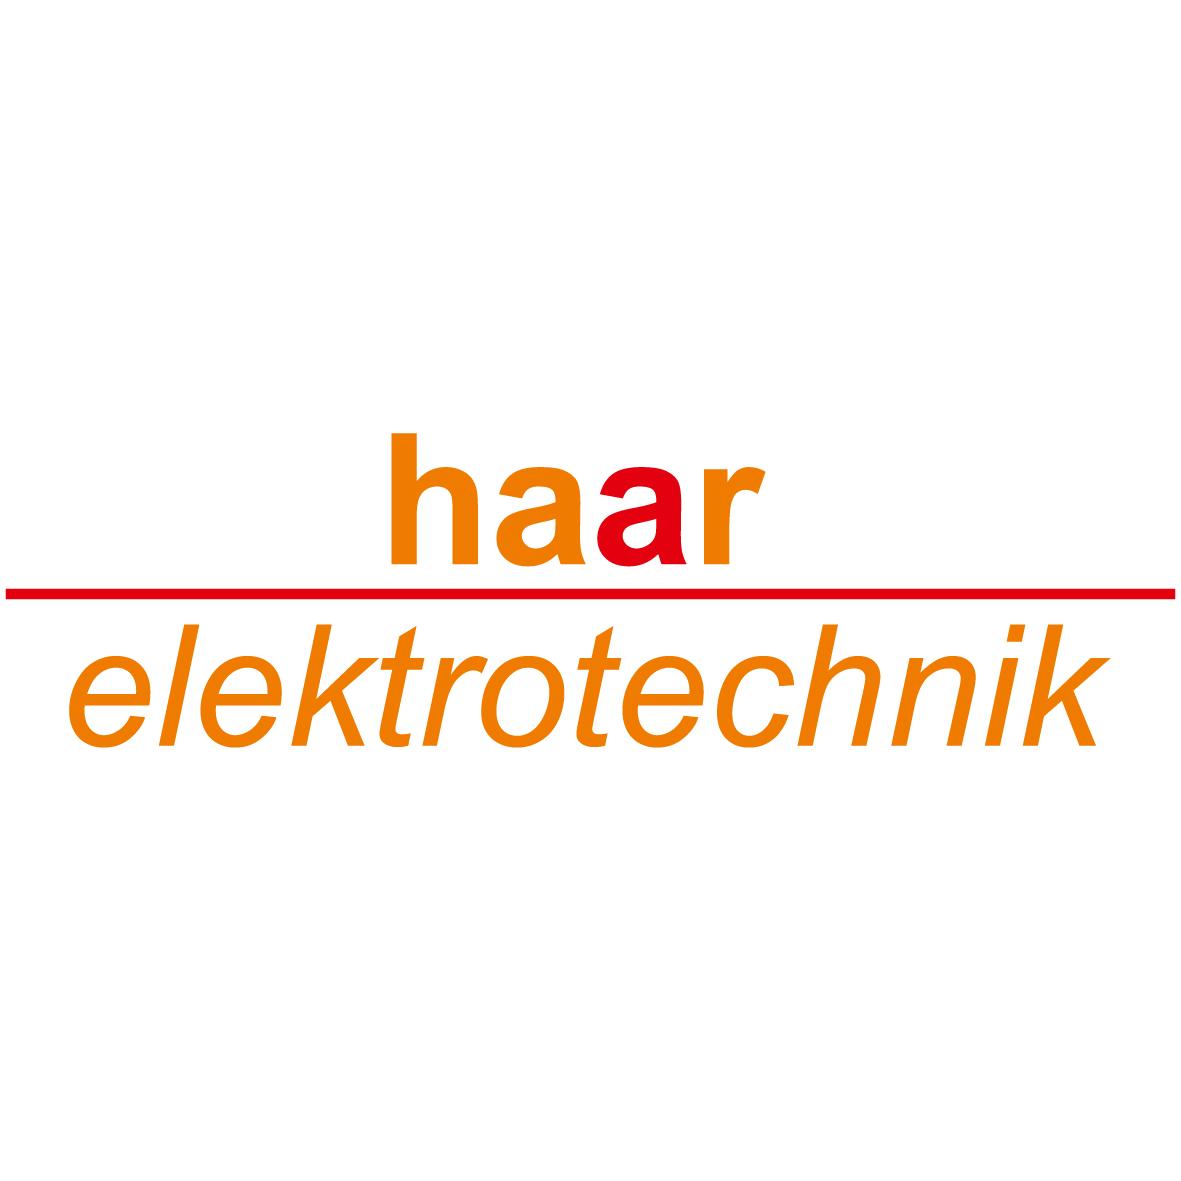 Haar Elektrotechnik